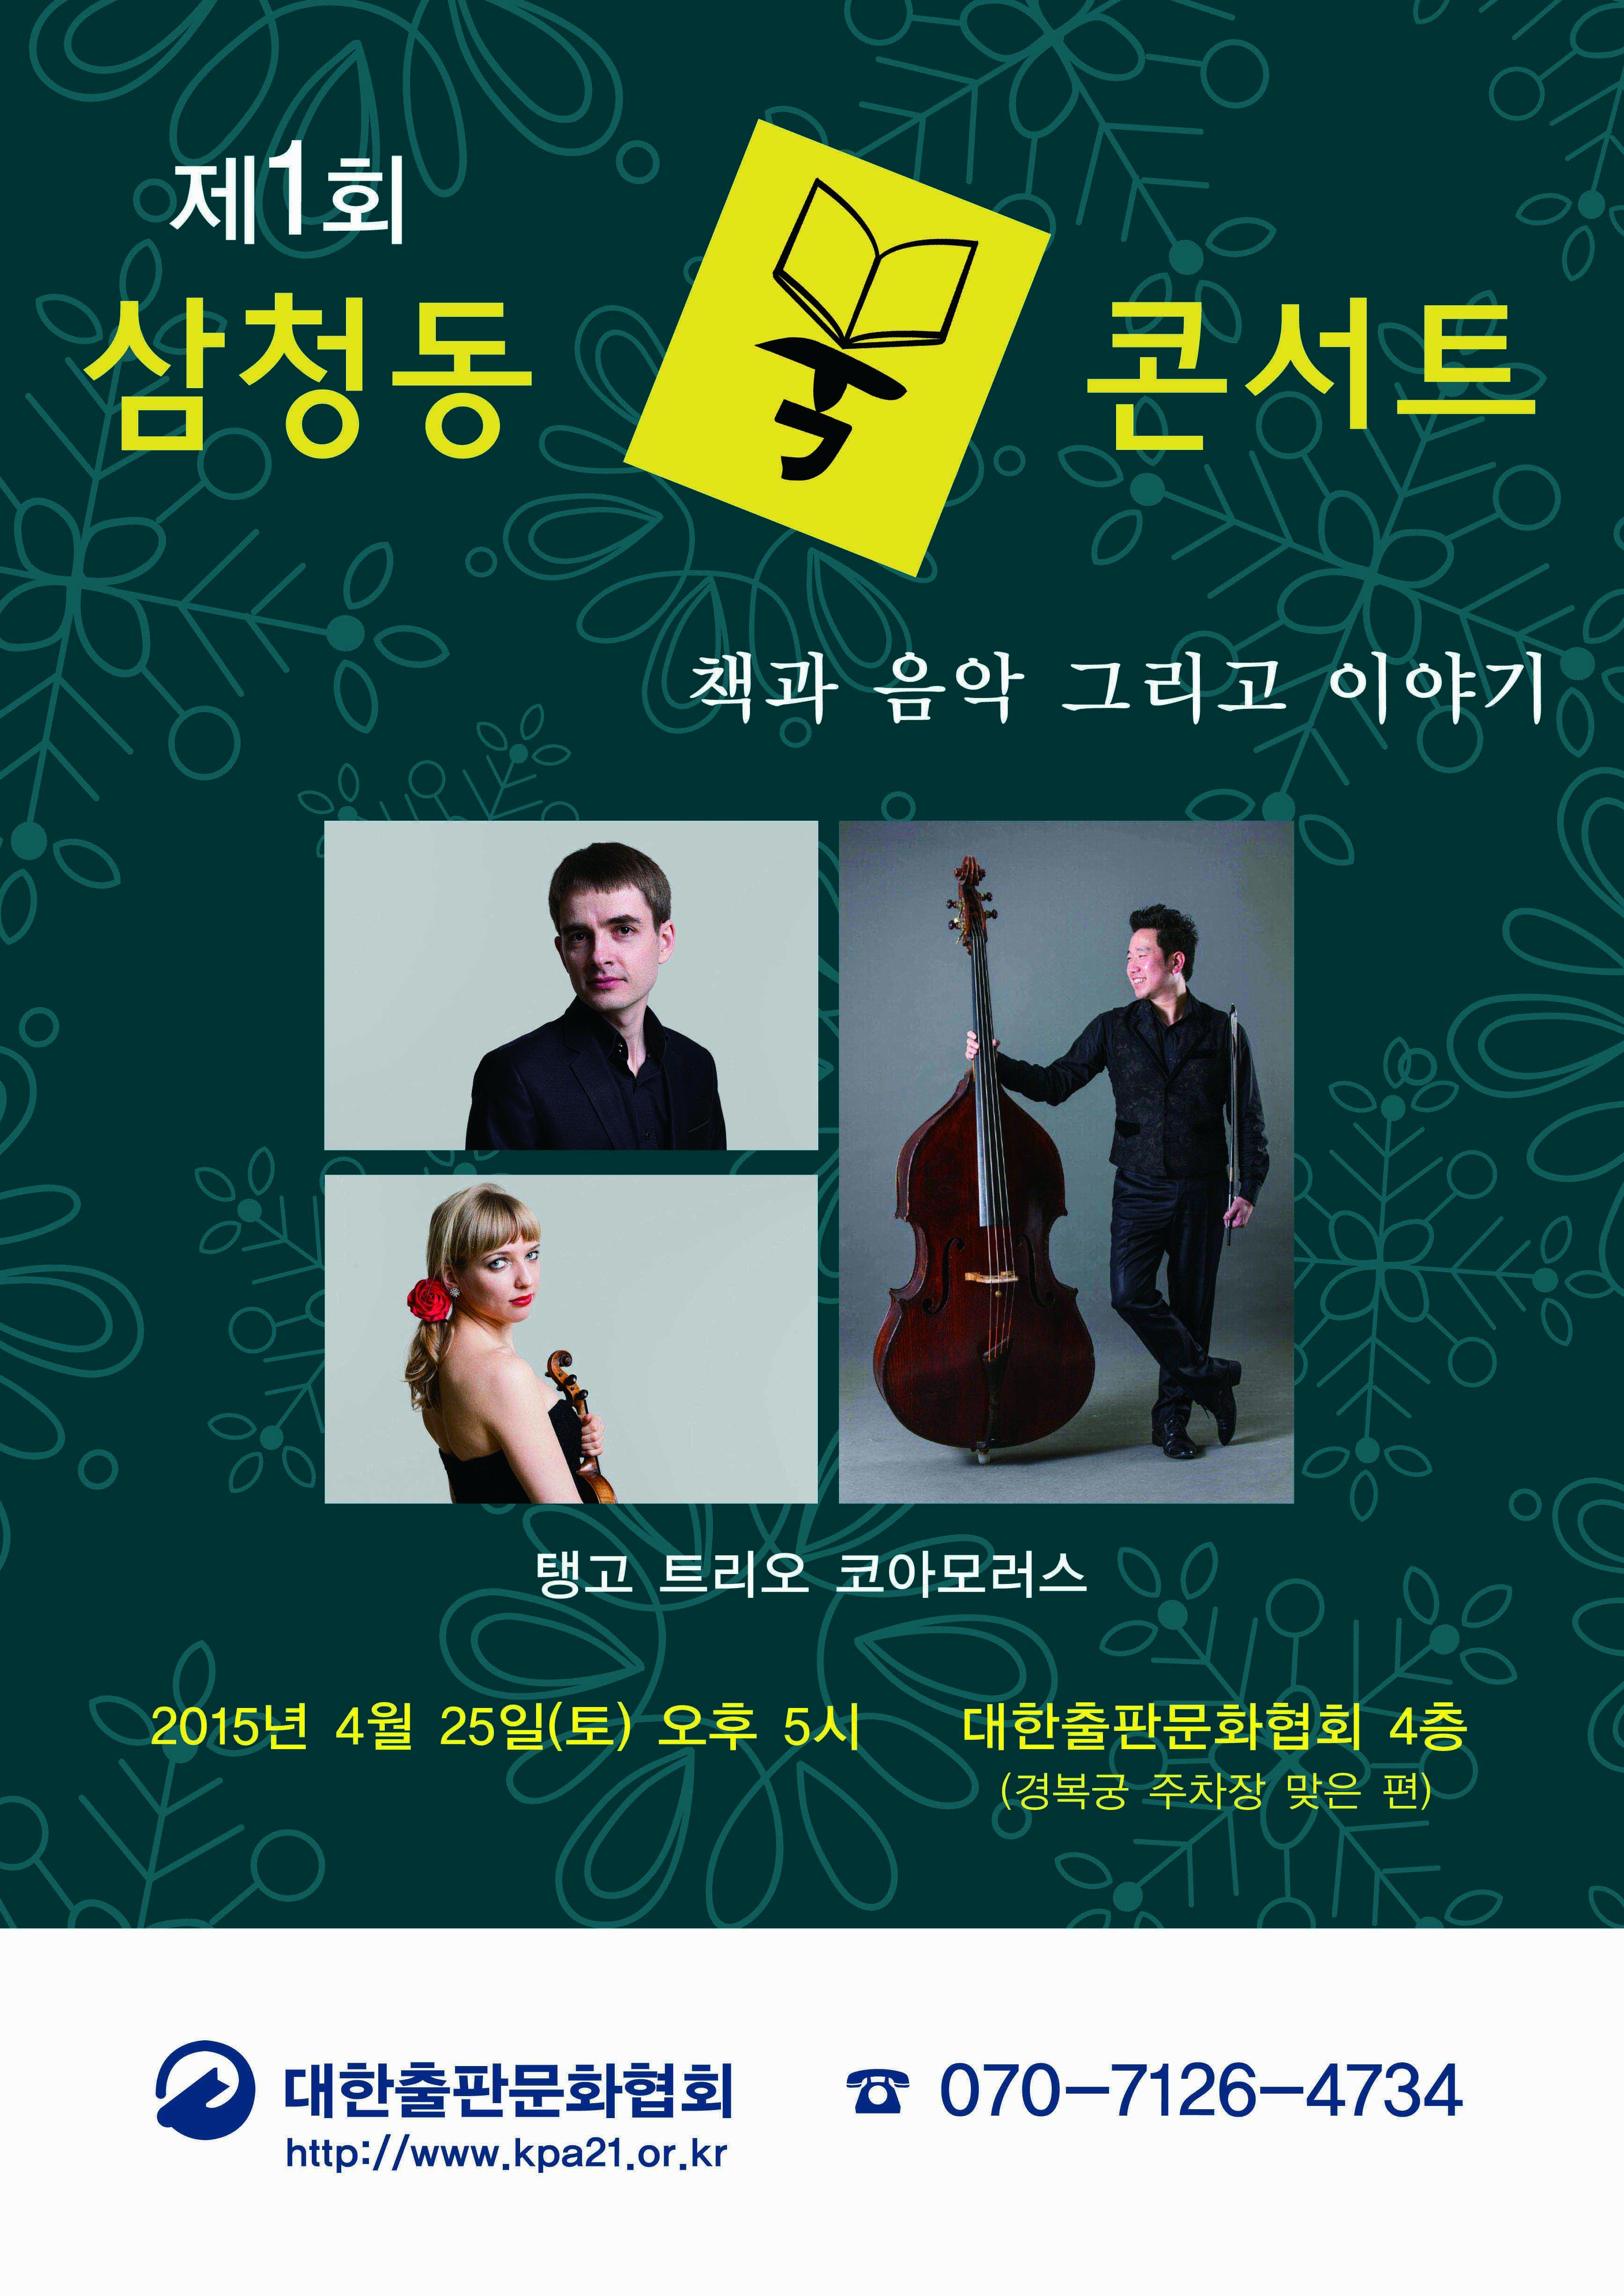 삼청동 북콘서트 포스터